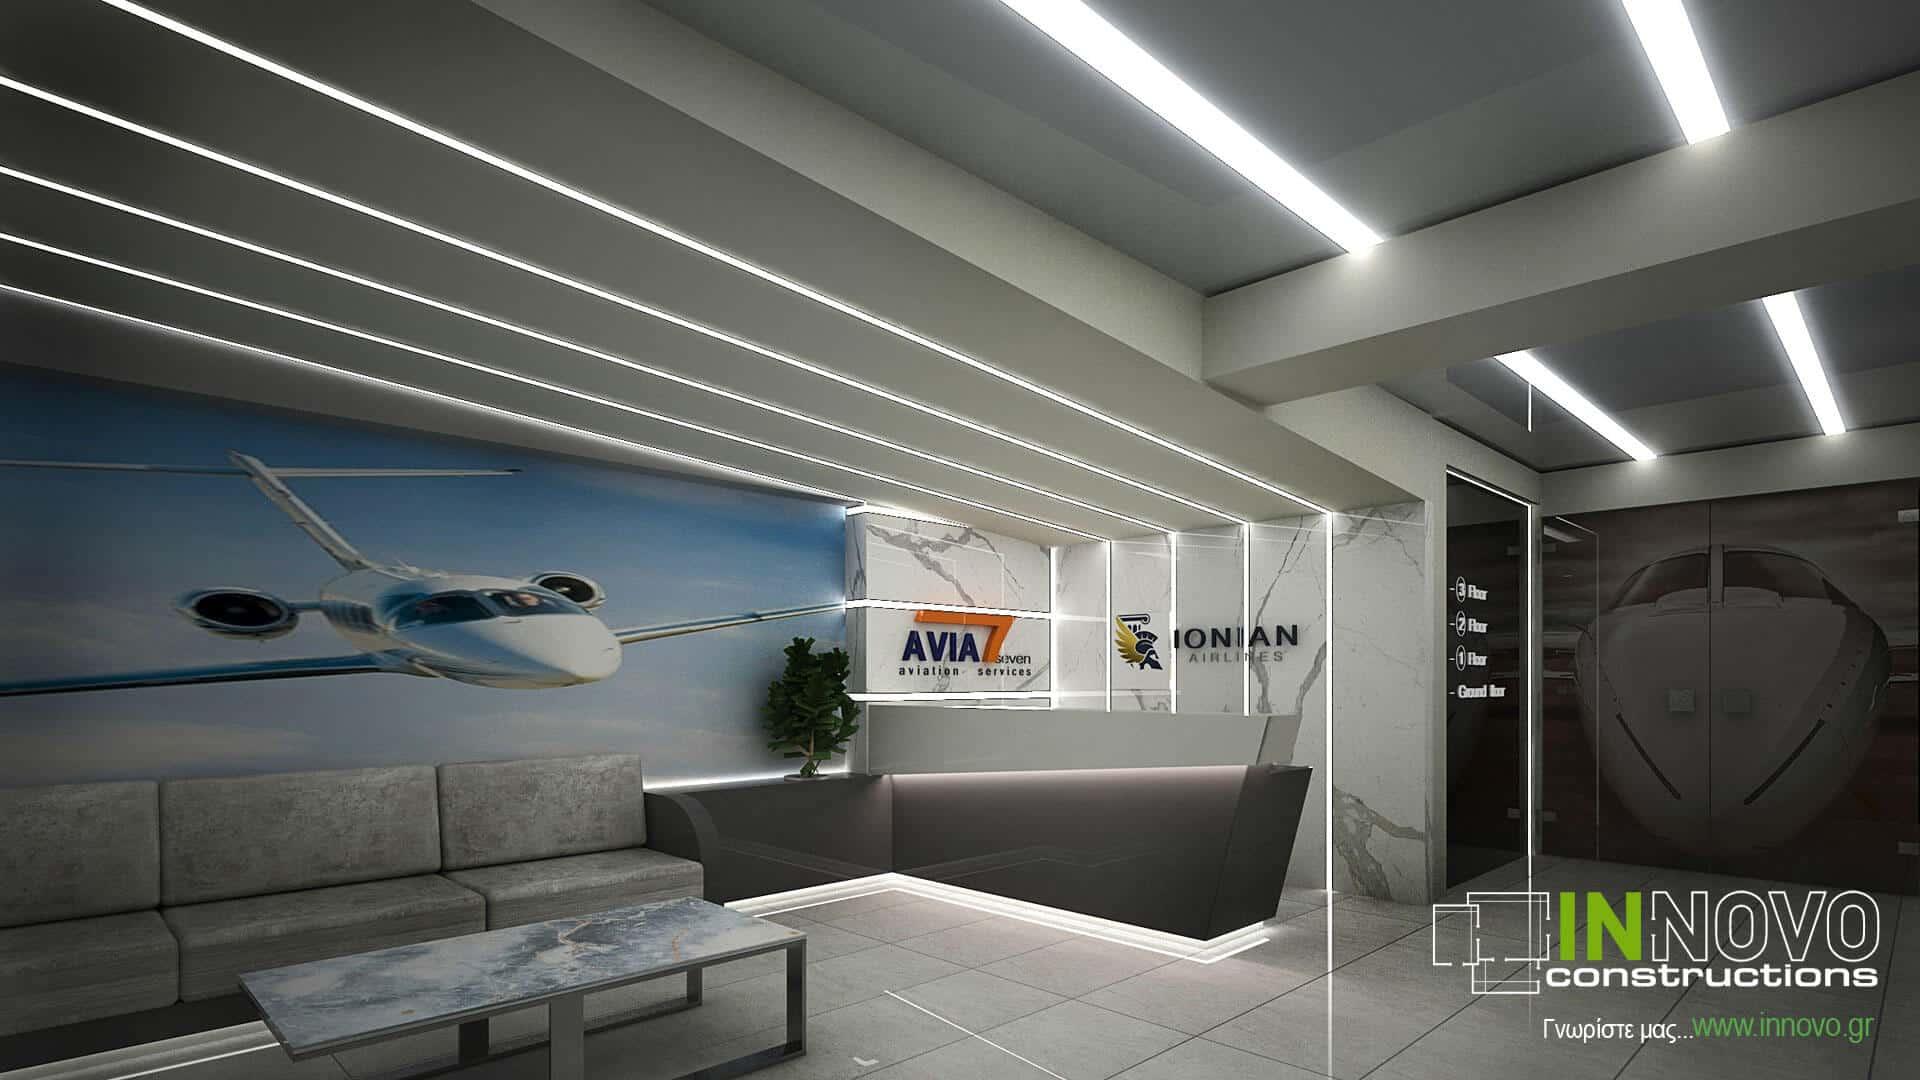 σχεδιασμός-γραφείων-sxediasmos-grafeion-office-design-aeroporiki-glyfada